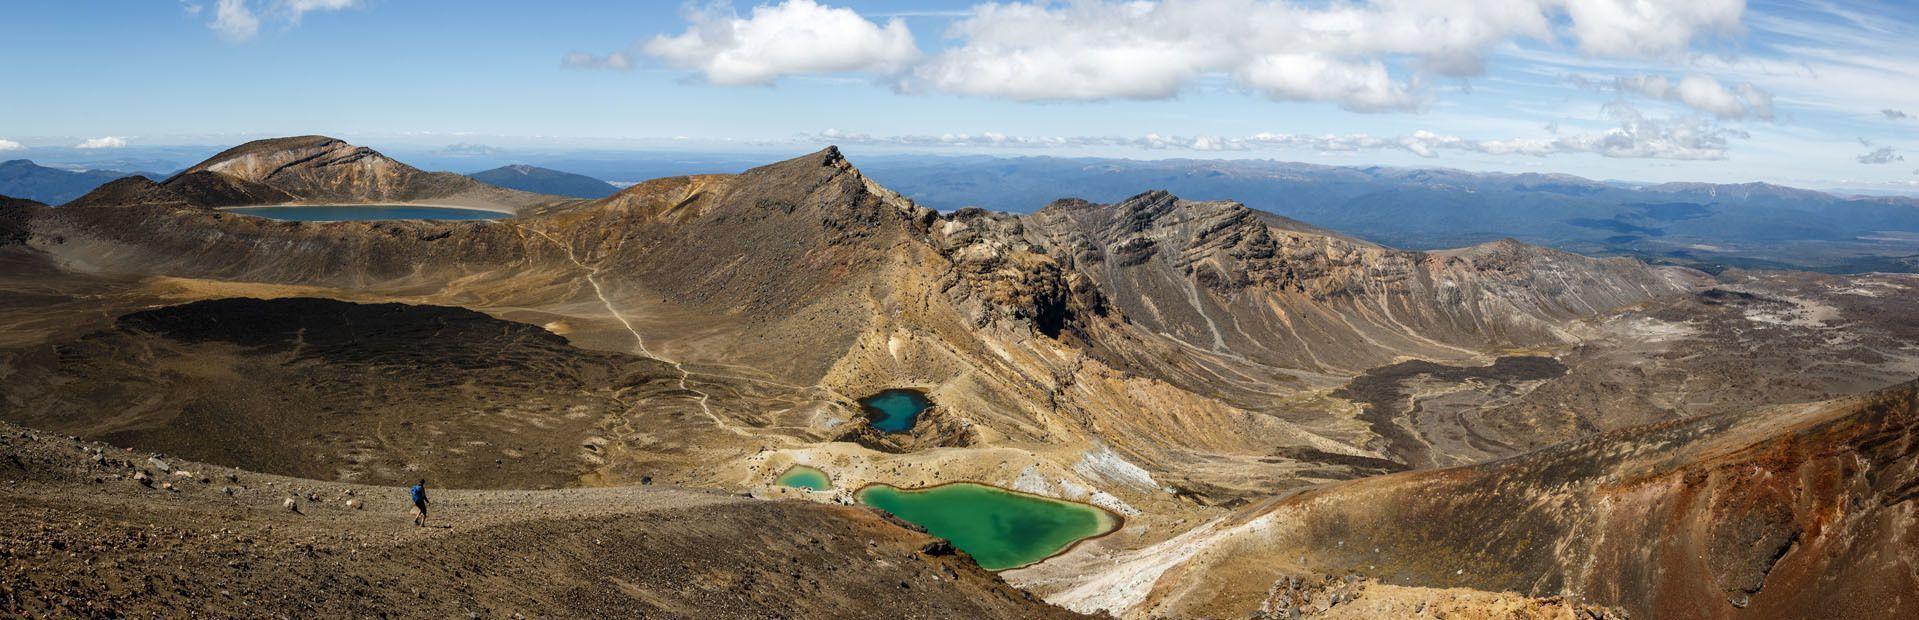 Nuova Zelanda: le meraviglie del nord